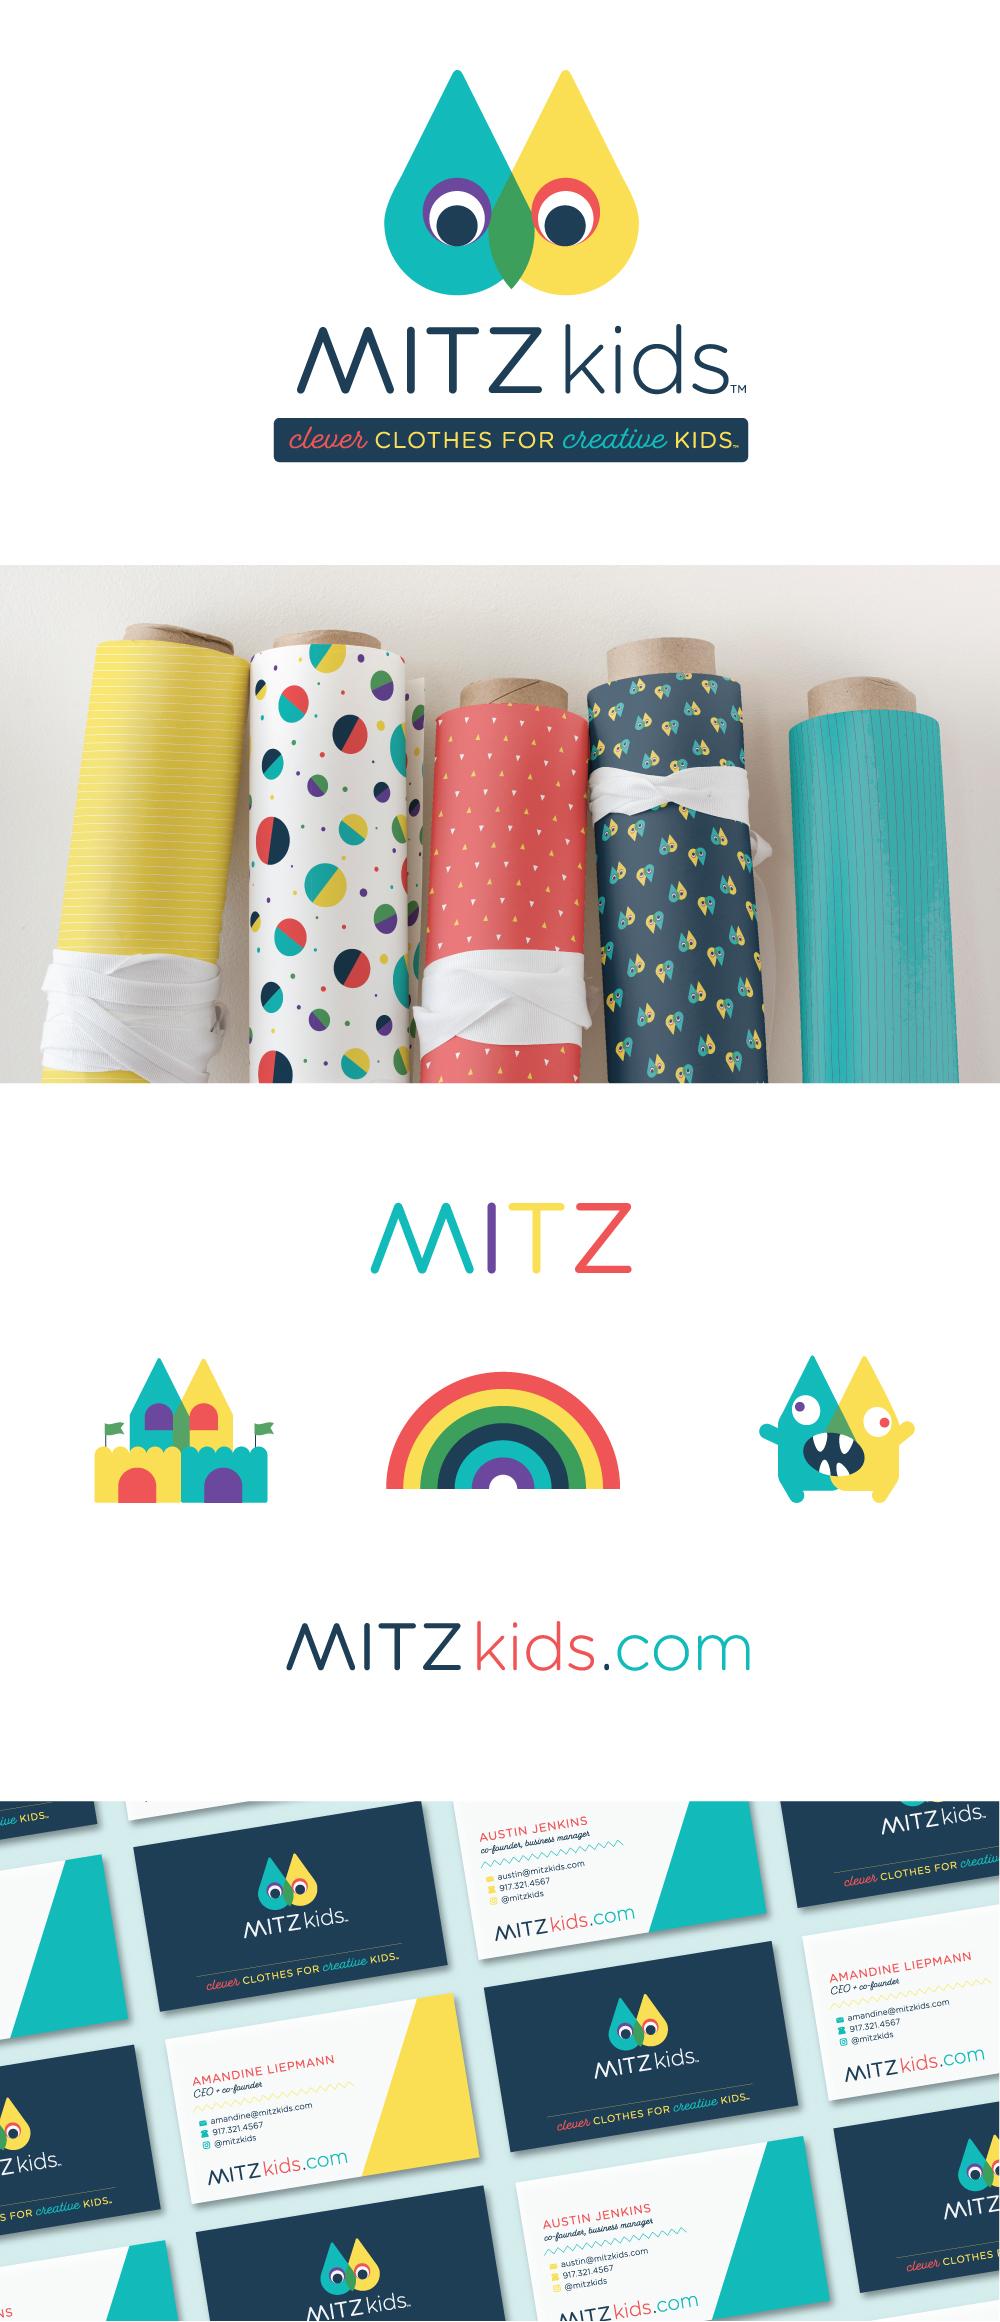 d289c-mitz_branding_overview.jpg